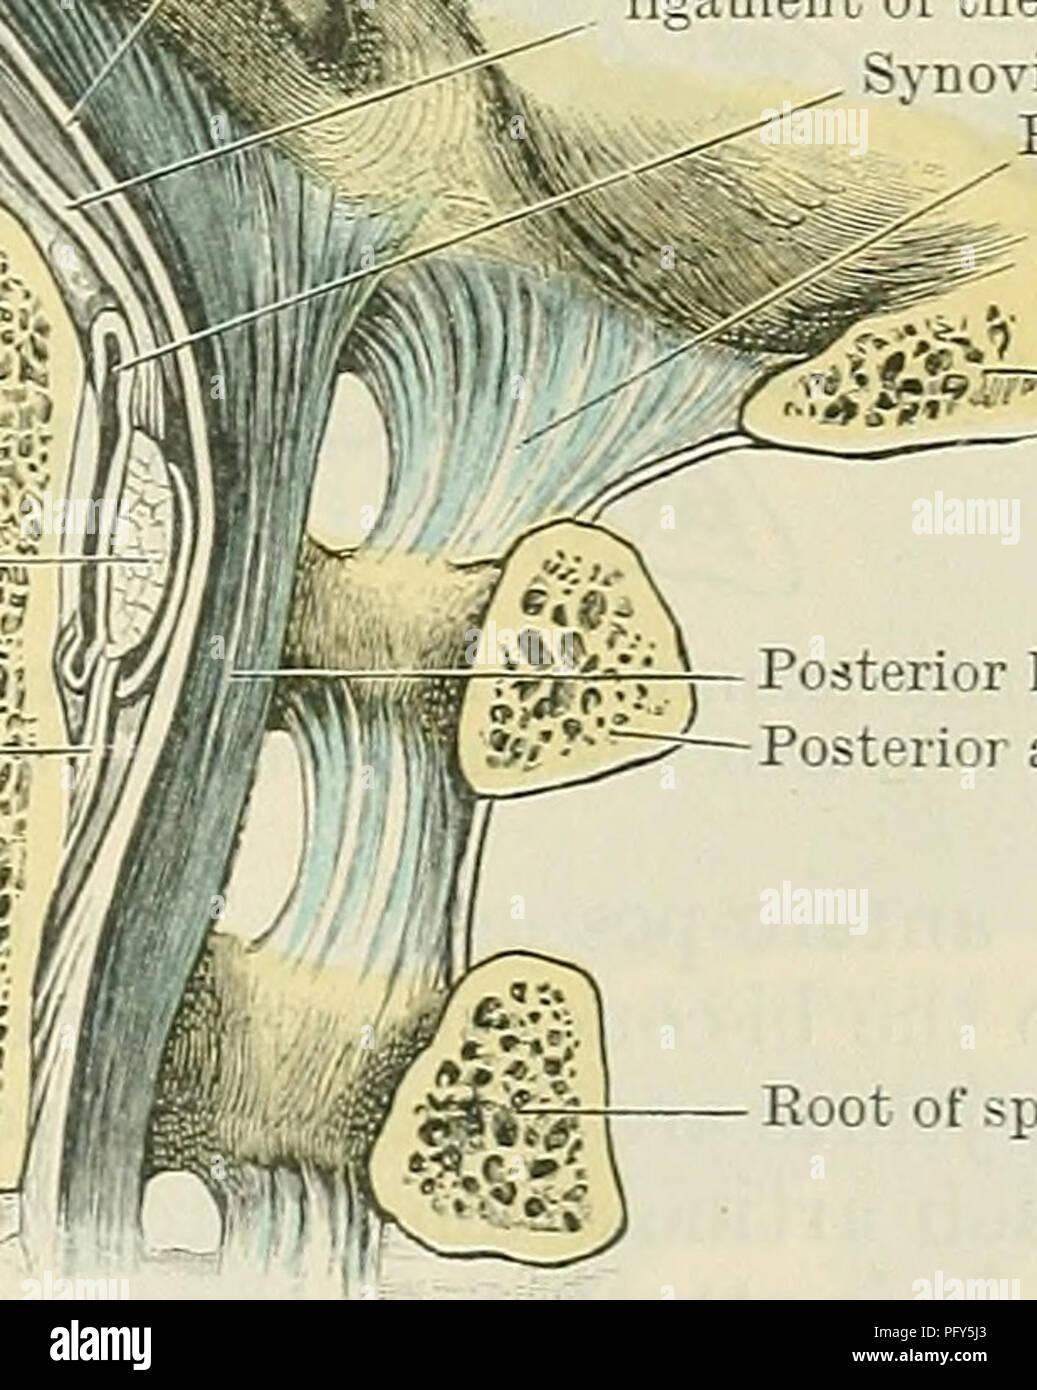 Cunninghams Lehrbuch der Anatomie. Anatomie. AETICULATION VON ATLAS ...